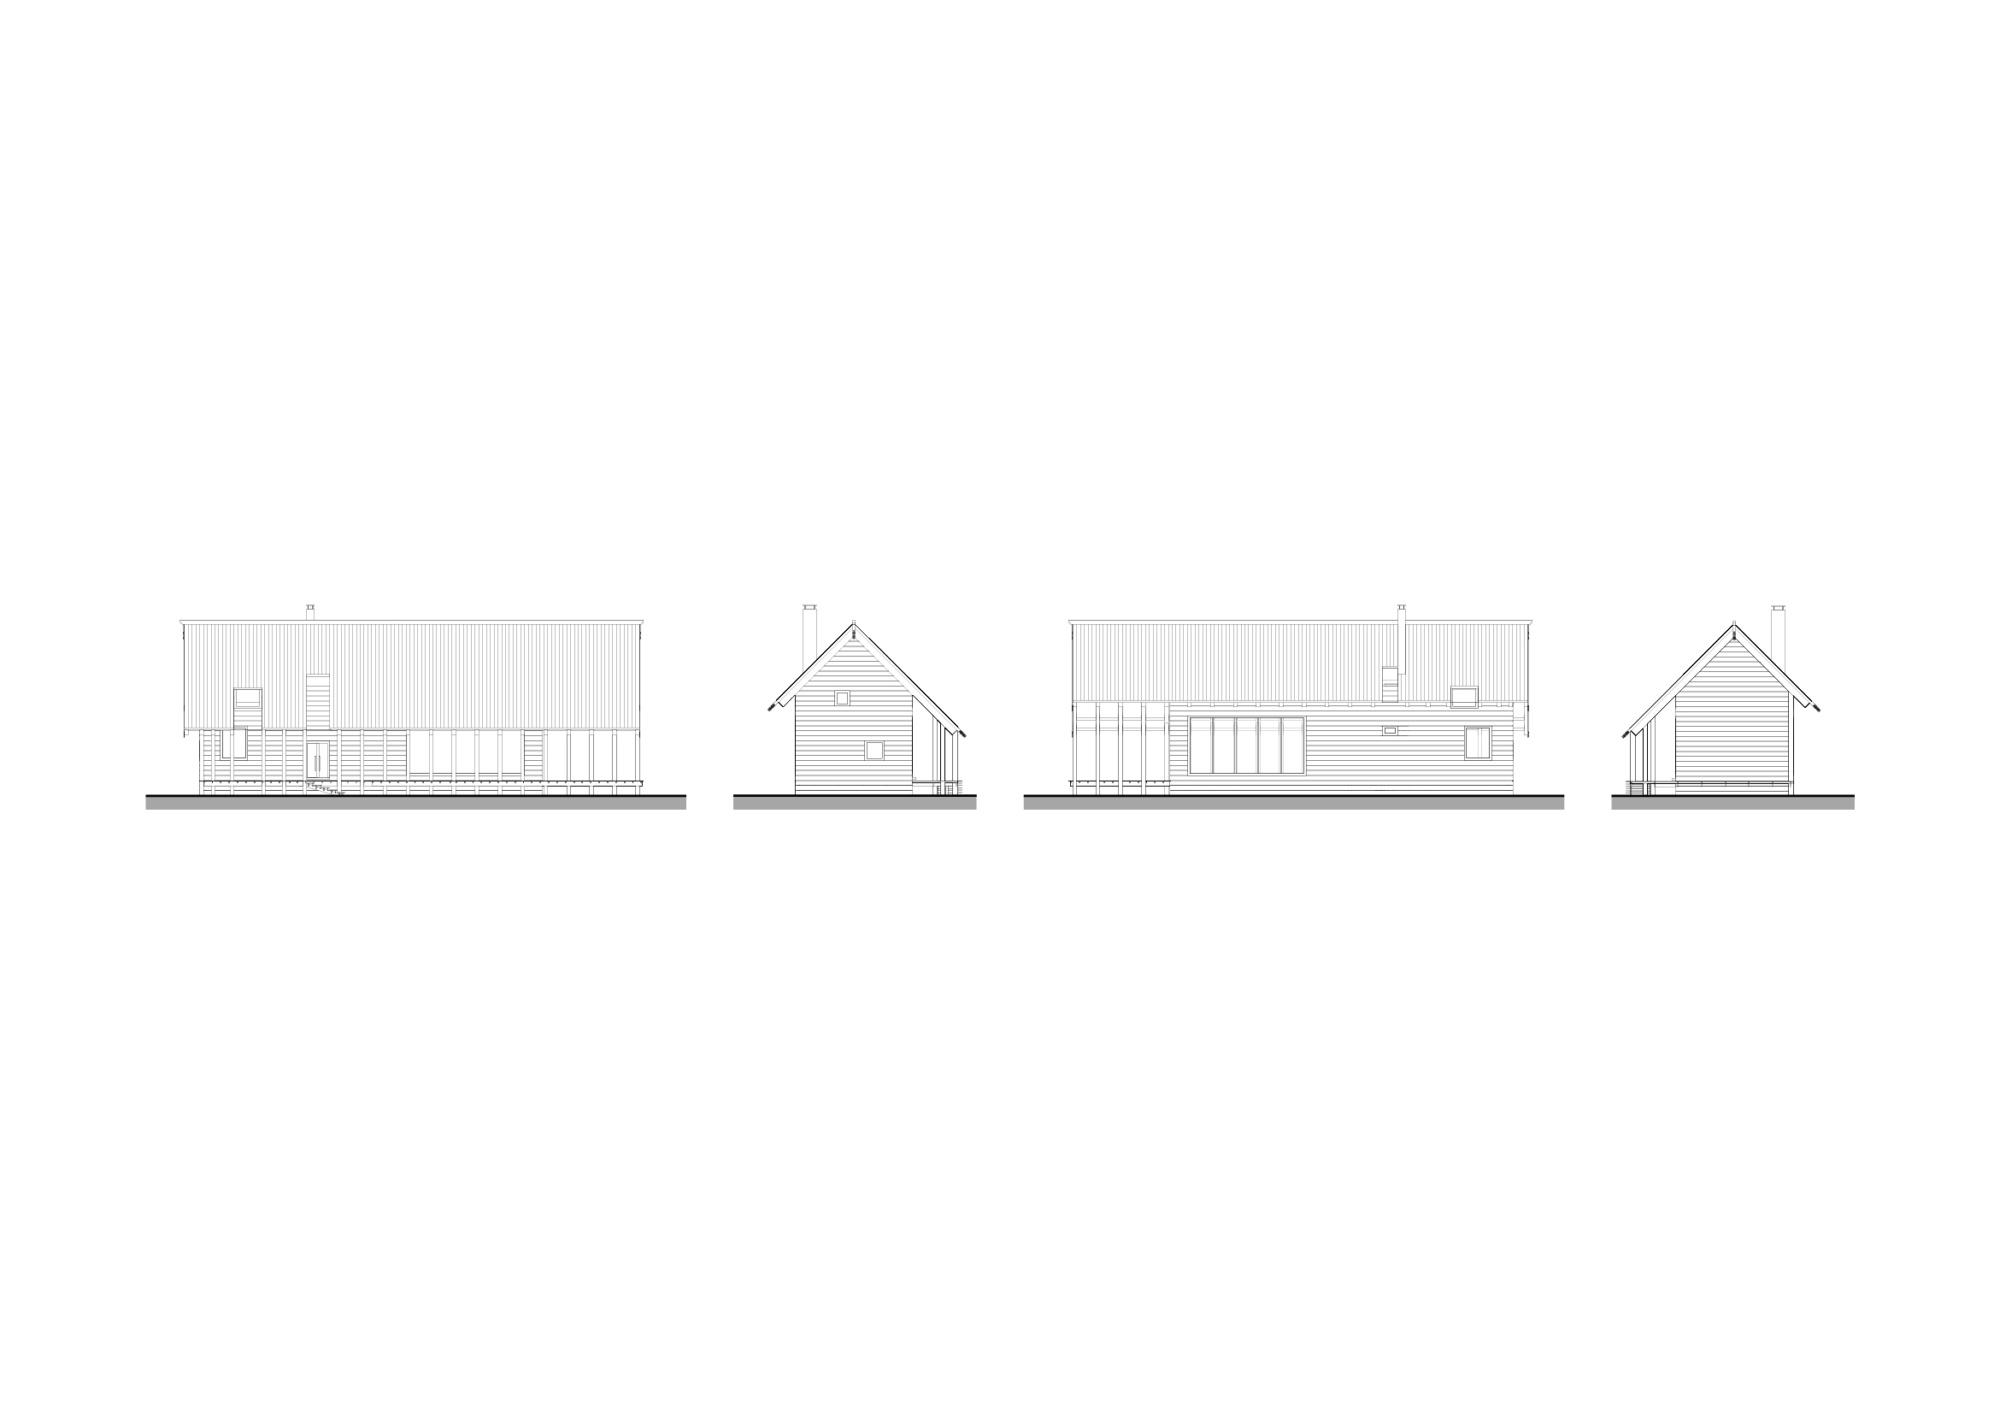 Индивидуальный дом. Архитектурная концепция стандартного малоэтажного жилья и жилой застройки. ©DMTRVK